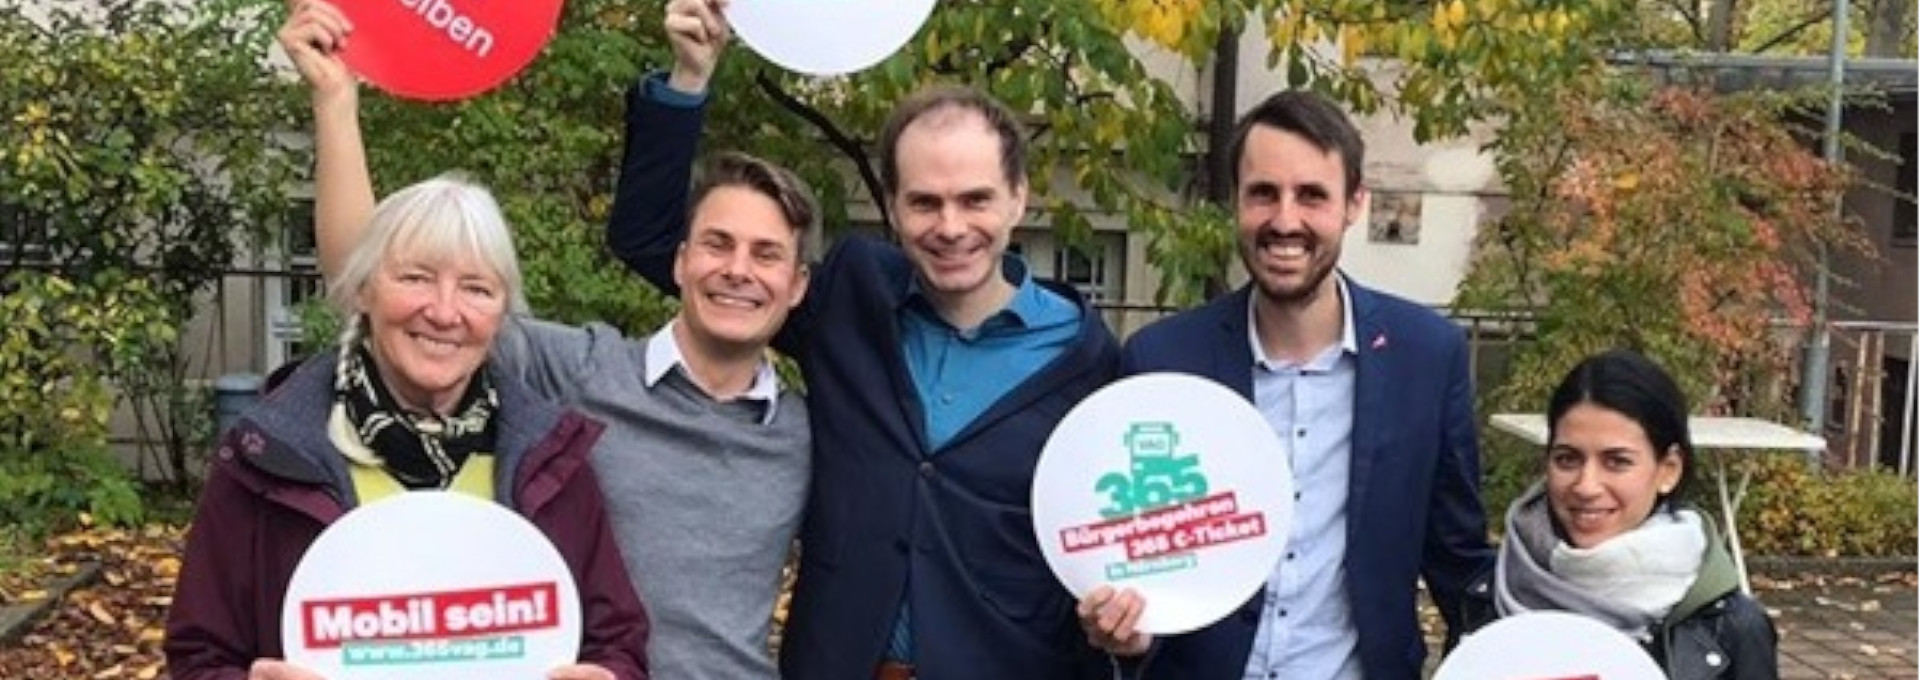 Initiatoren des Bürgerbegehrens für das 365-Euro-Jahresticket